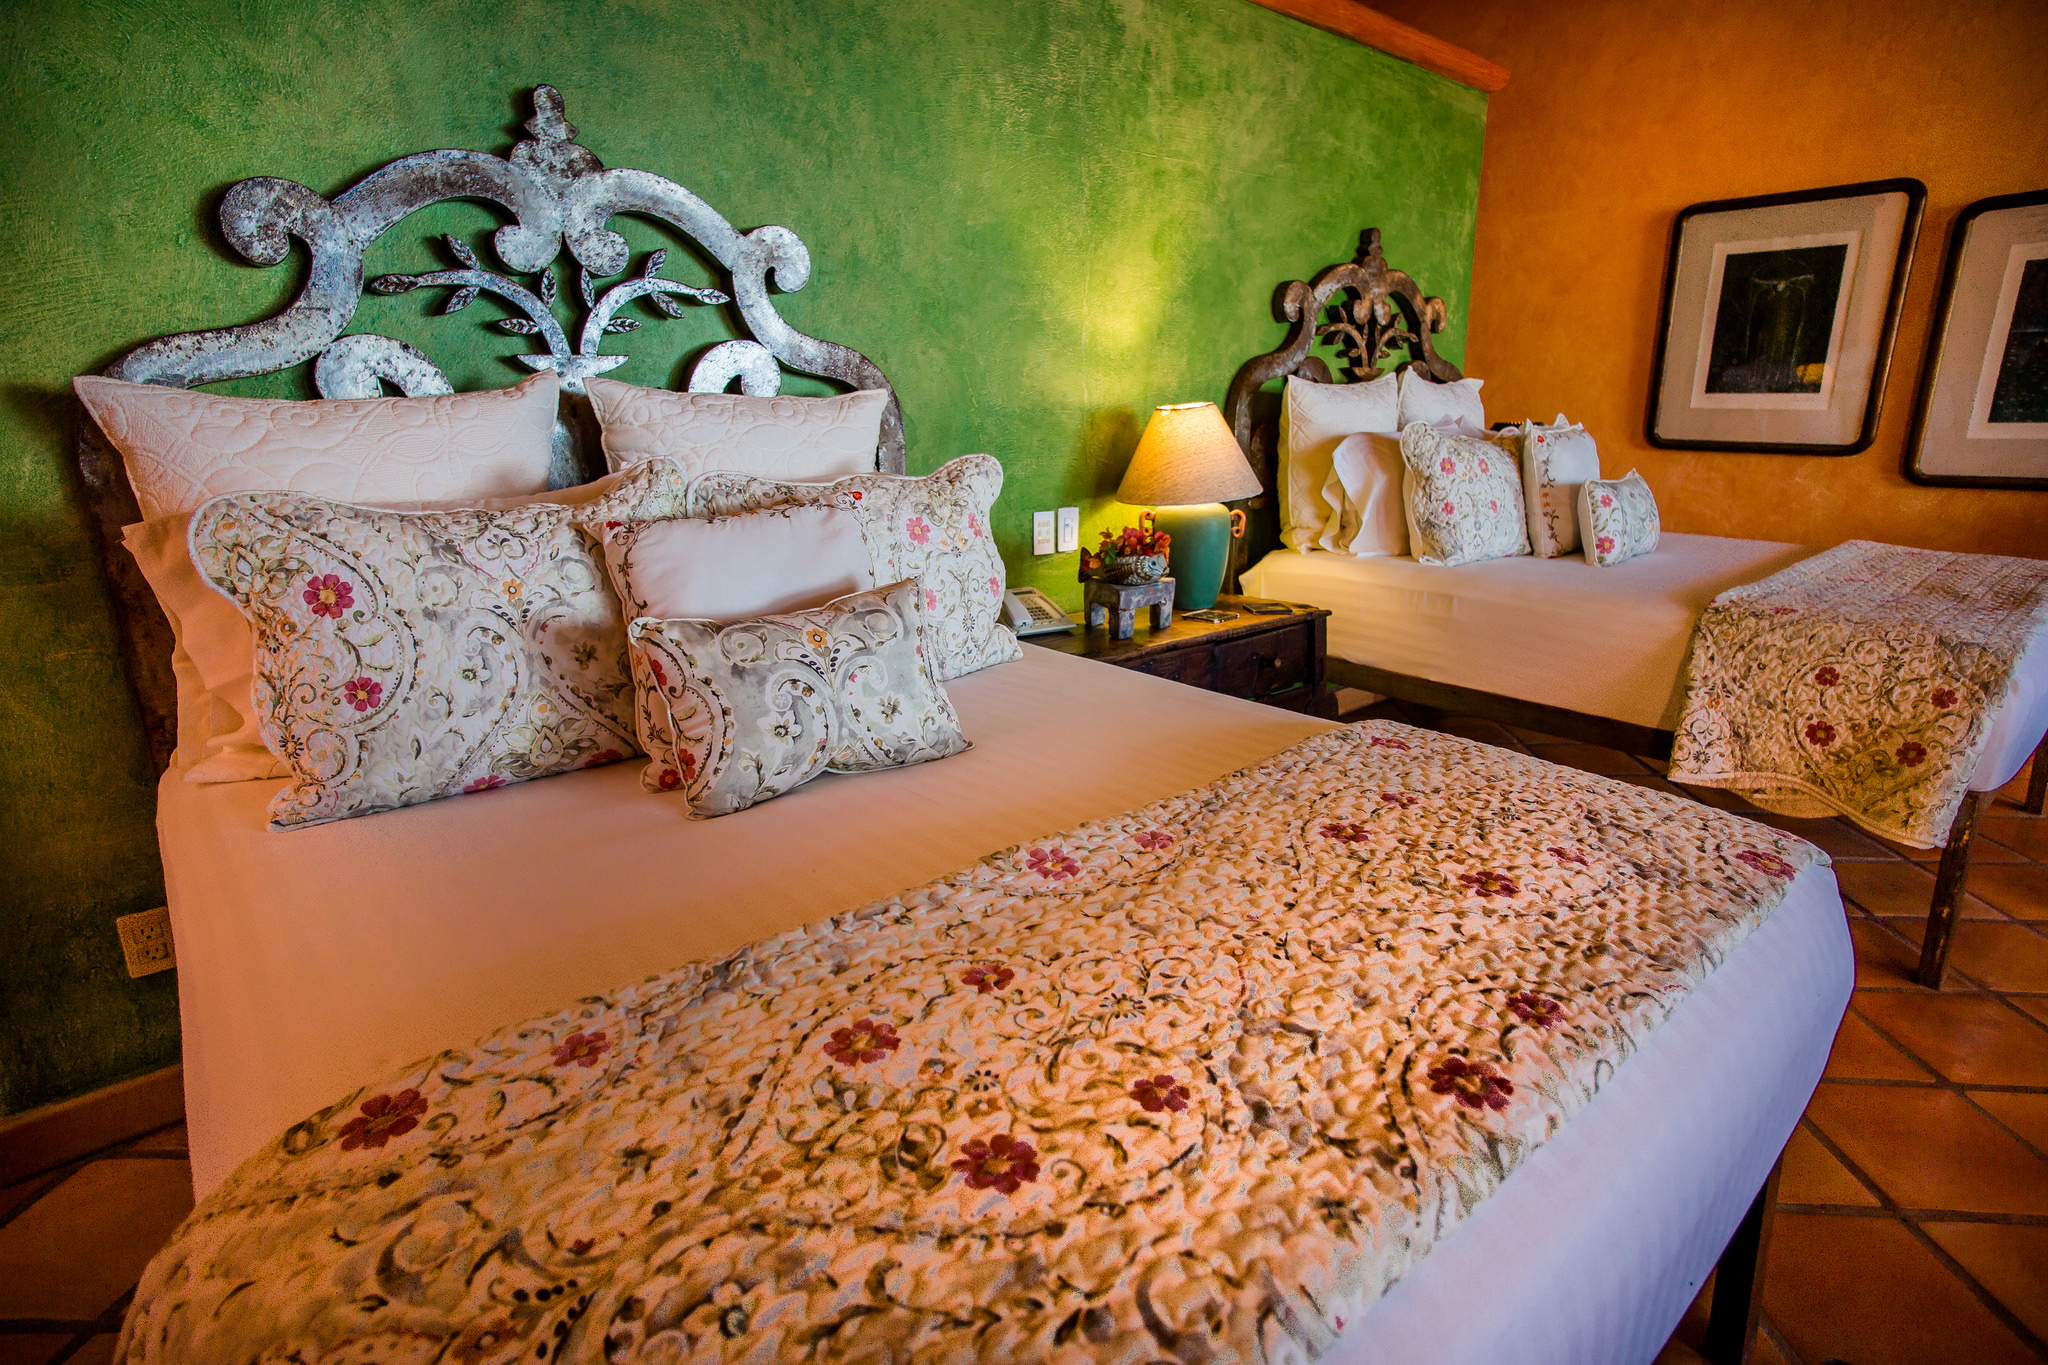 Estrella Mar Poolside Suite Bed - Smaller Version.jpg